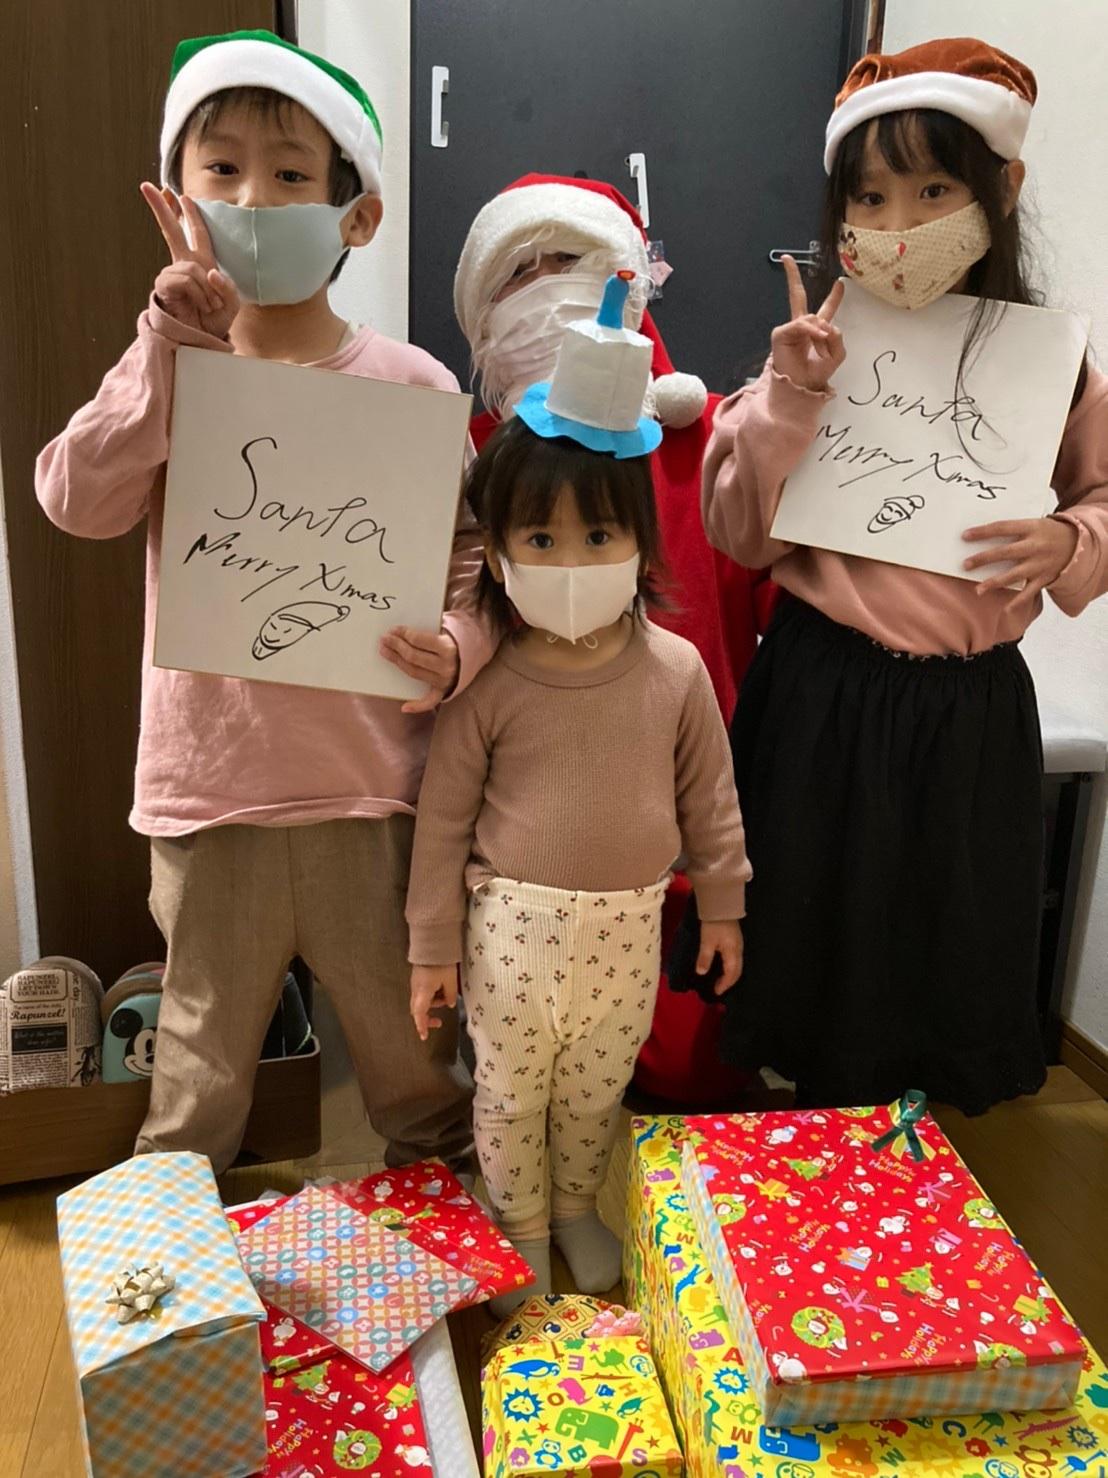 サンタはパパじゃない!家族の思い出がまたひとつ。